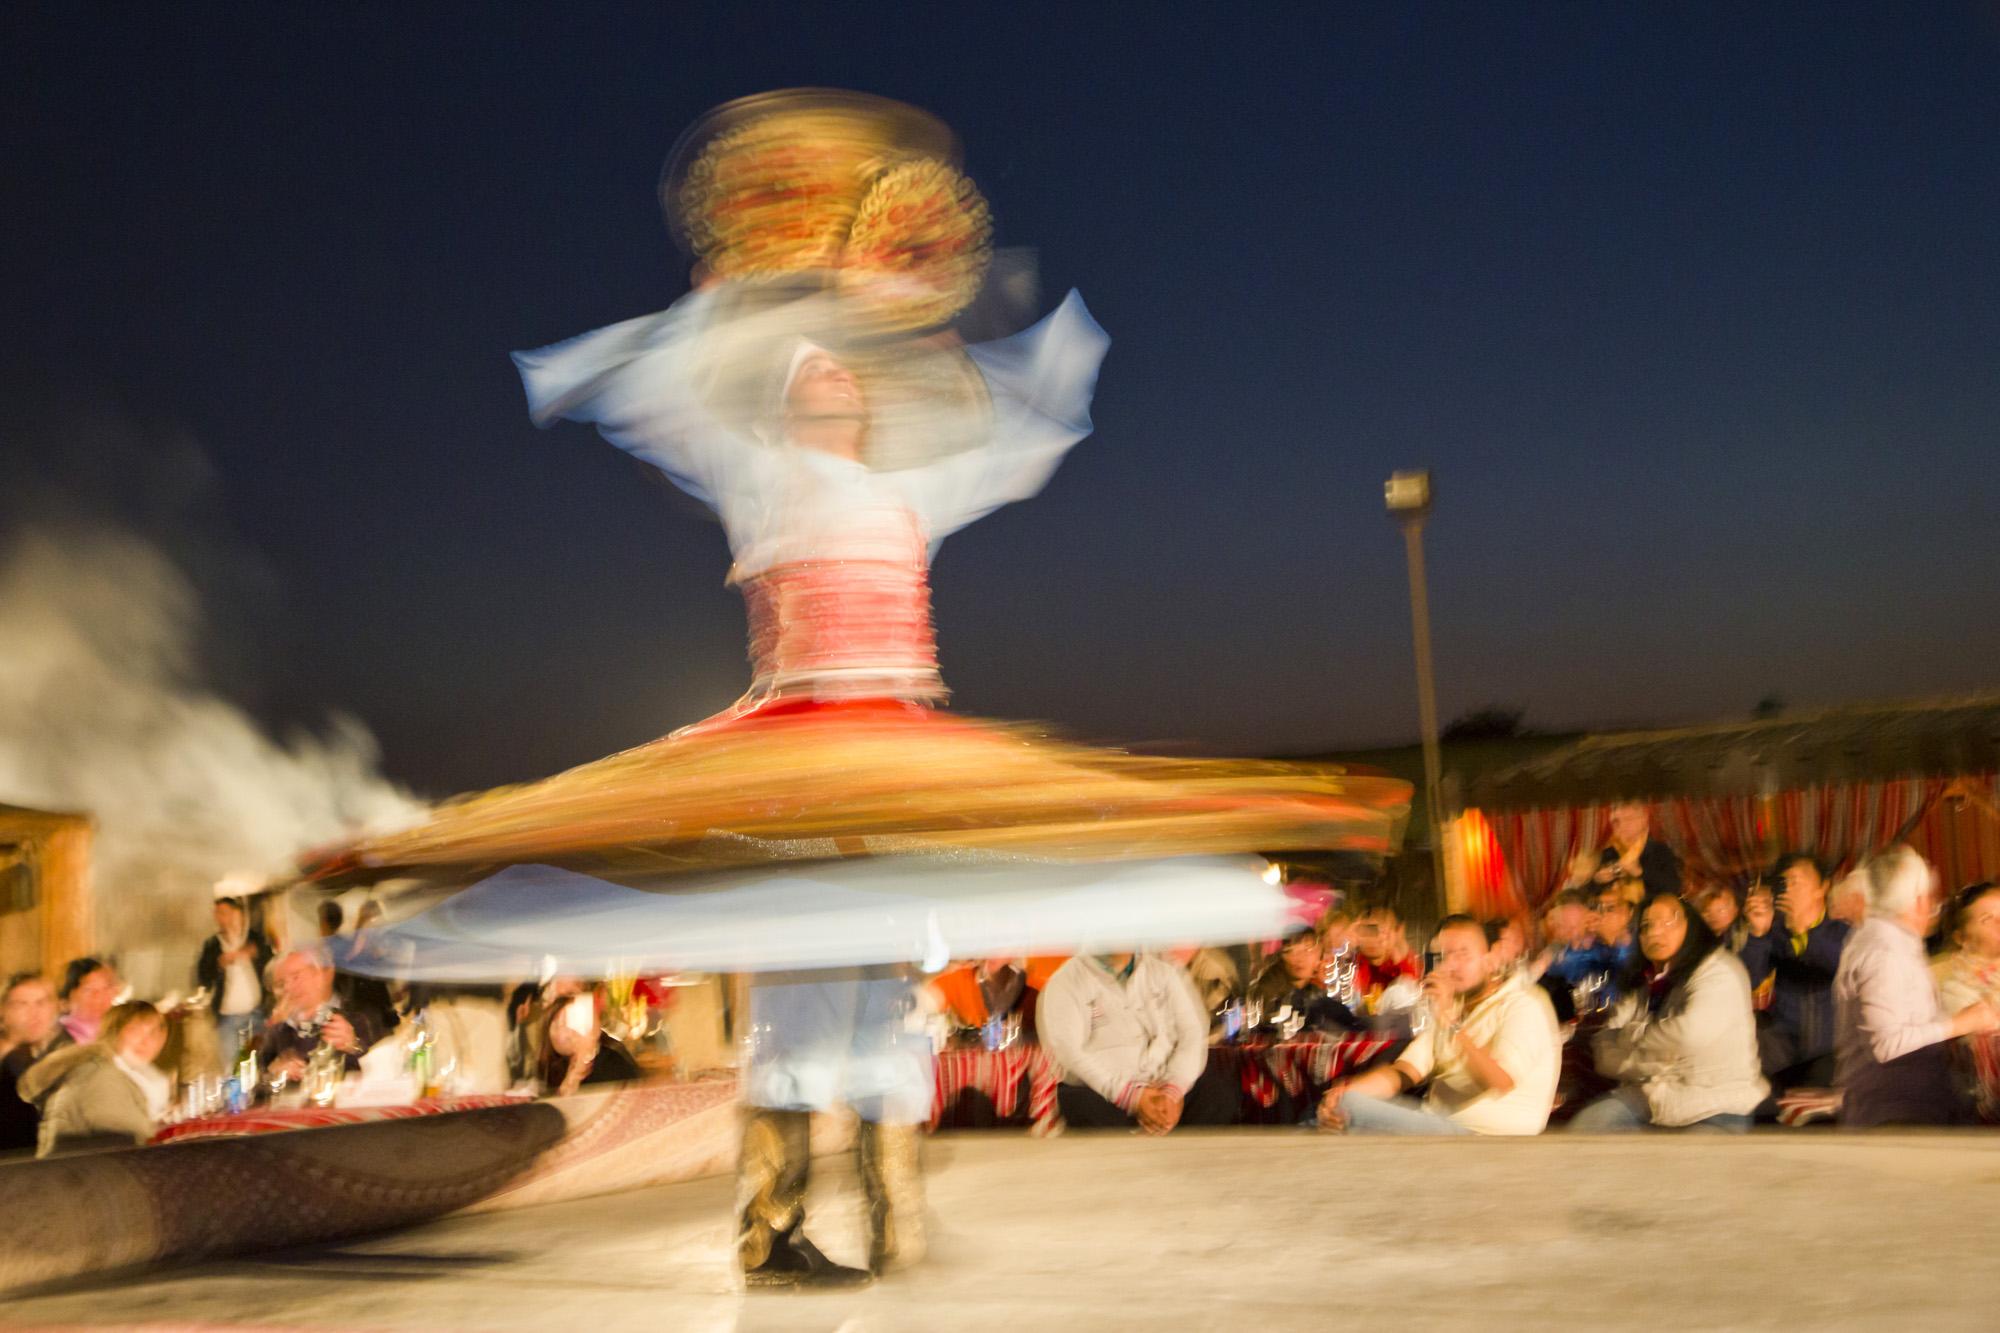 VAE, Vereinigte arabische Emirate, Dubai, Wüste, Wüsten Abenteuer, Abenteuer,  Desert camp, Show, Bauchtanz, Spektakel, Aufführung, Nachtleben  Engl.: UAE, United Arab Emirates, Dubai, desert, desert adventure, adventure, desert camp, show, belly dancing, spectacle, performance, nightlife